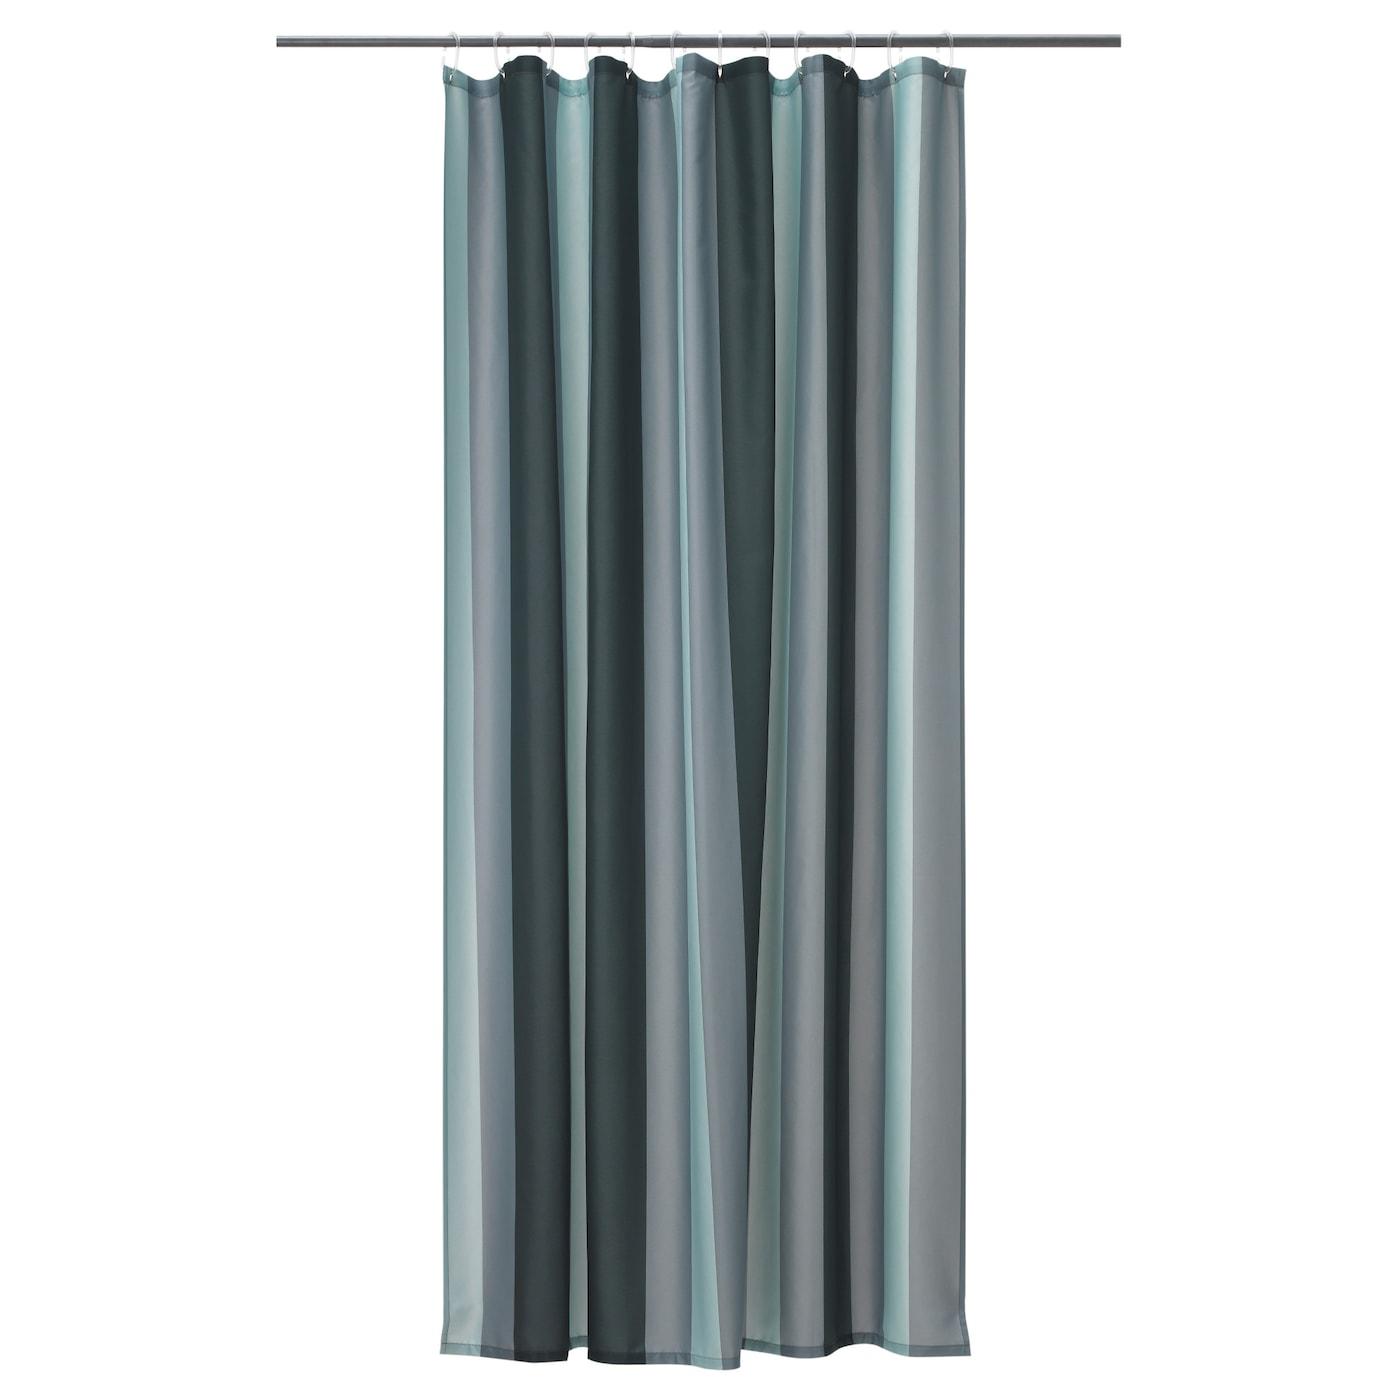 Cortinas de ducha textil para el hogar compra online ikea - Cortina ducha ikea ...